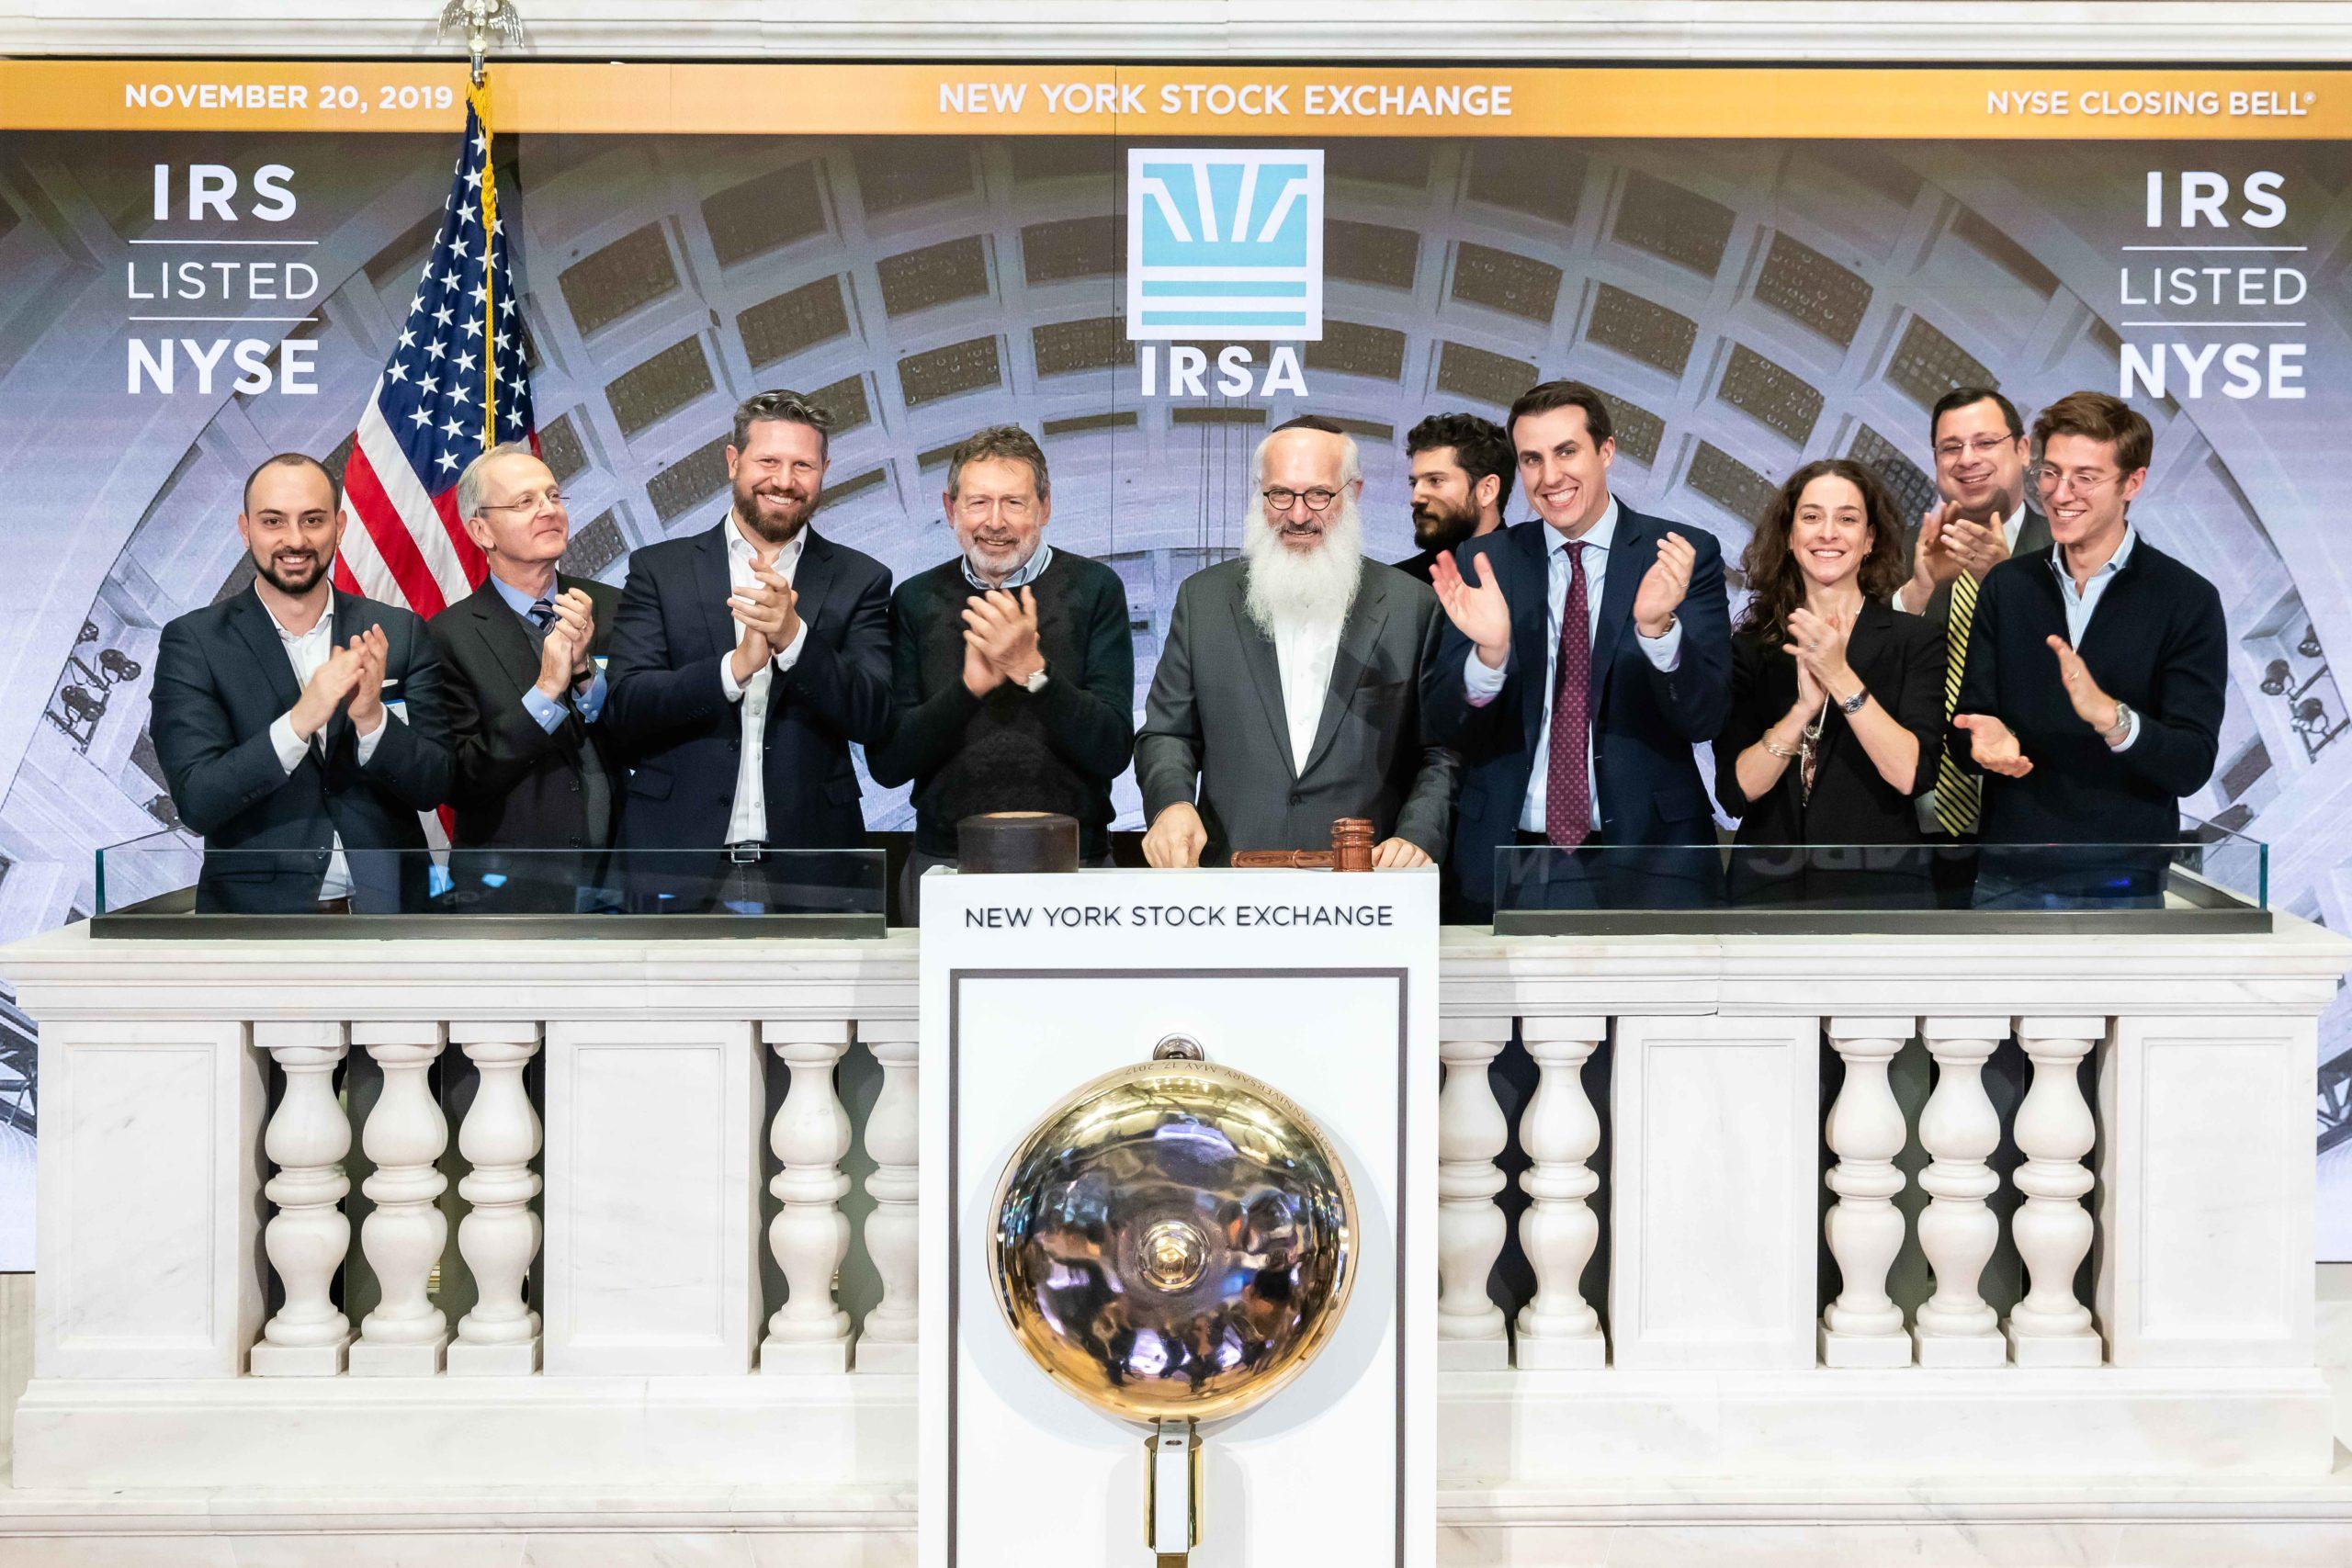 IRSA celebra 25 años de cotización ininterrumpida en Wall Street